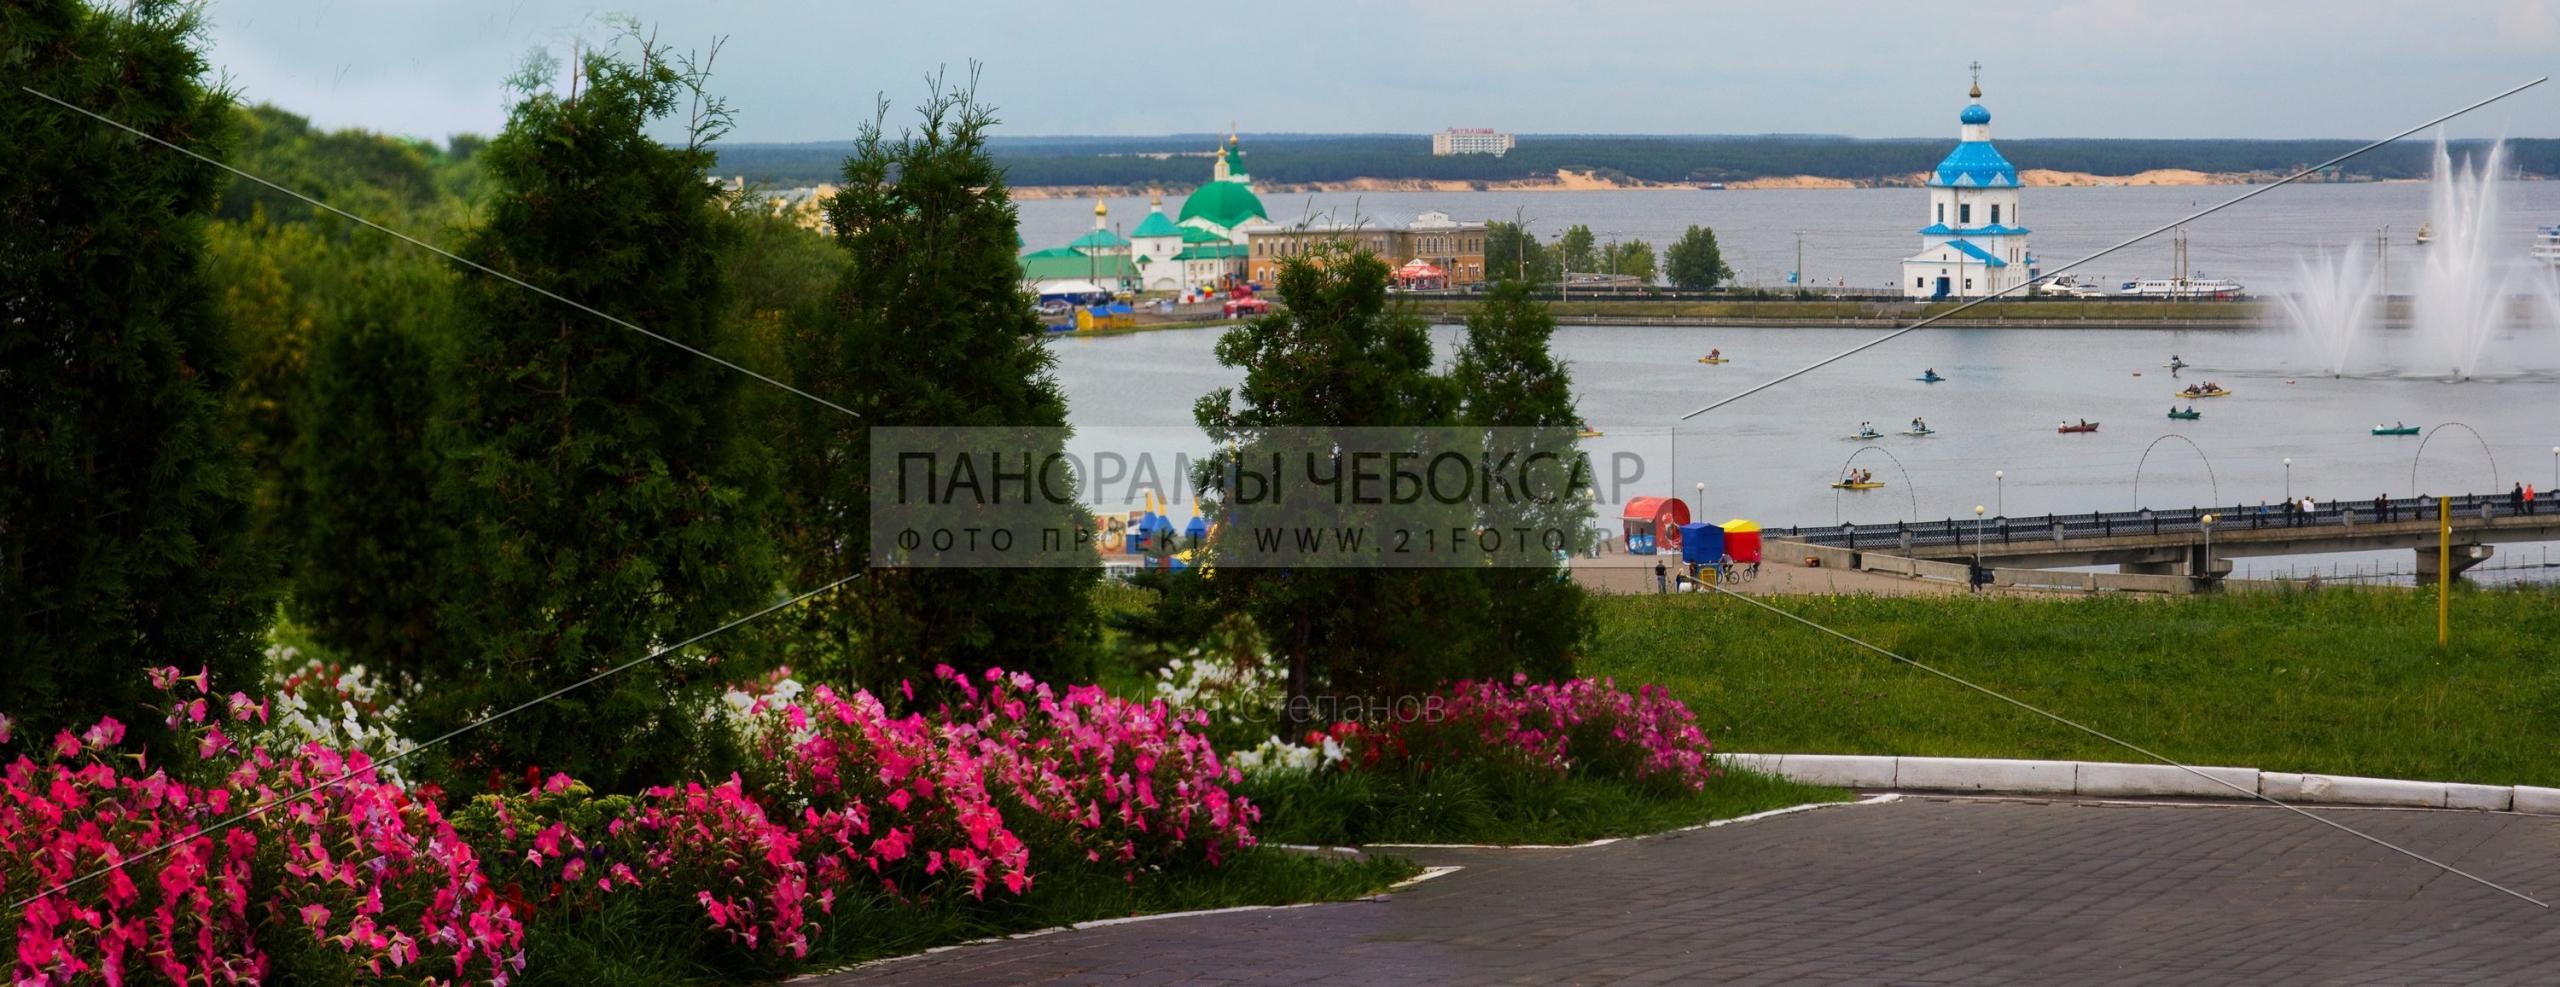 Илья Степанов — Чебоксары